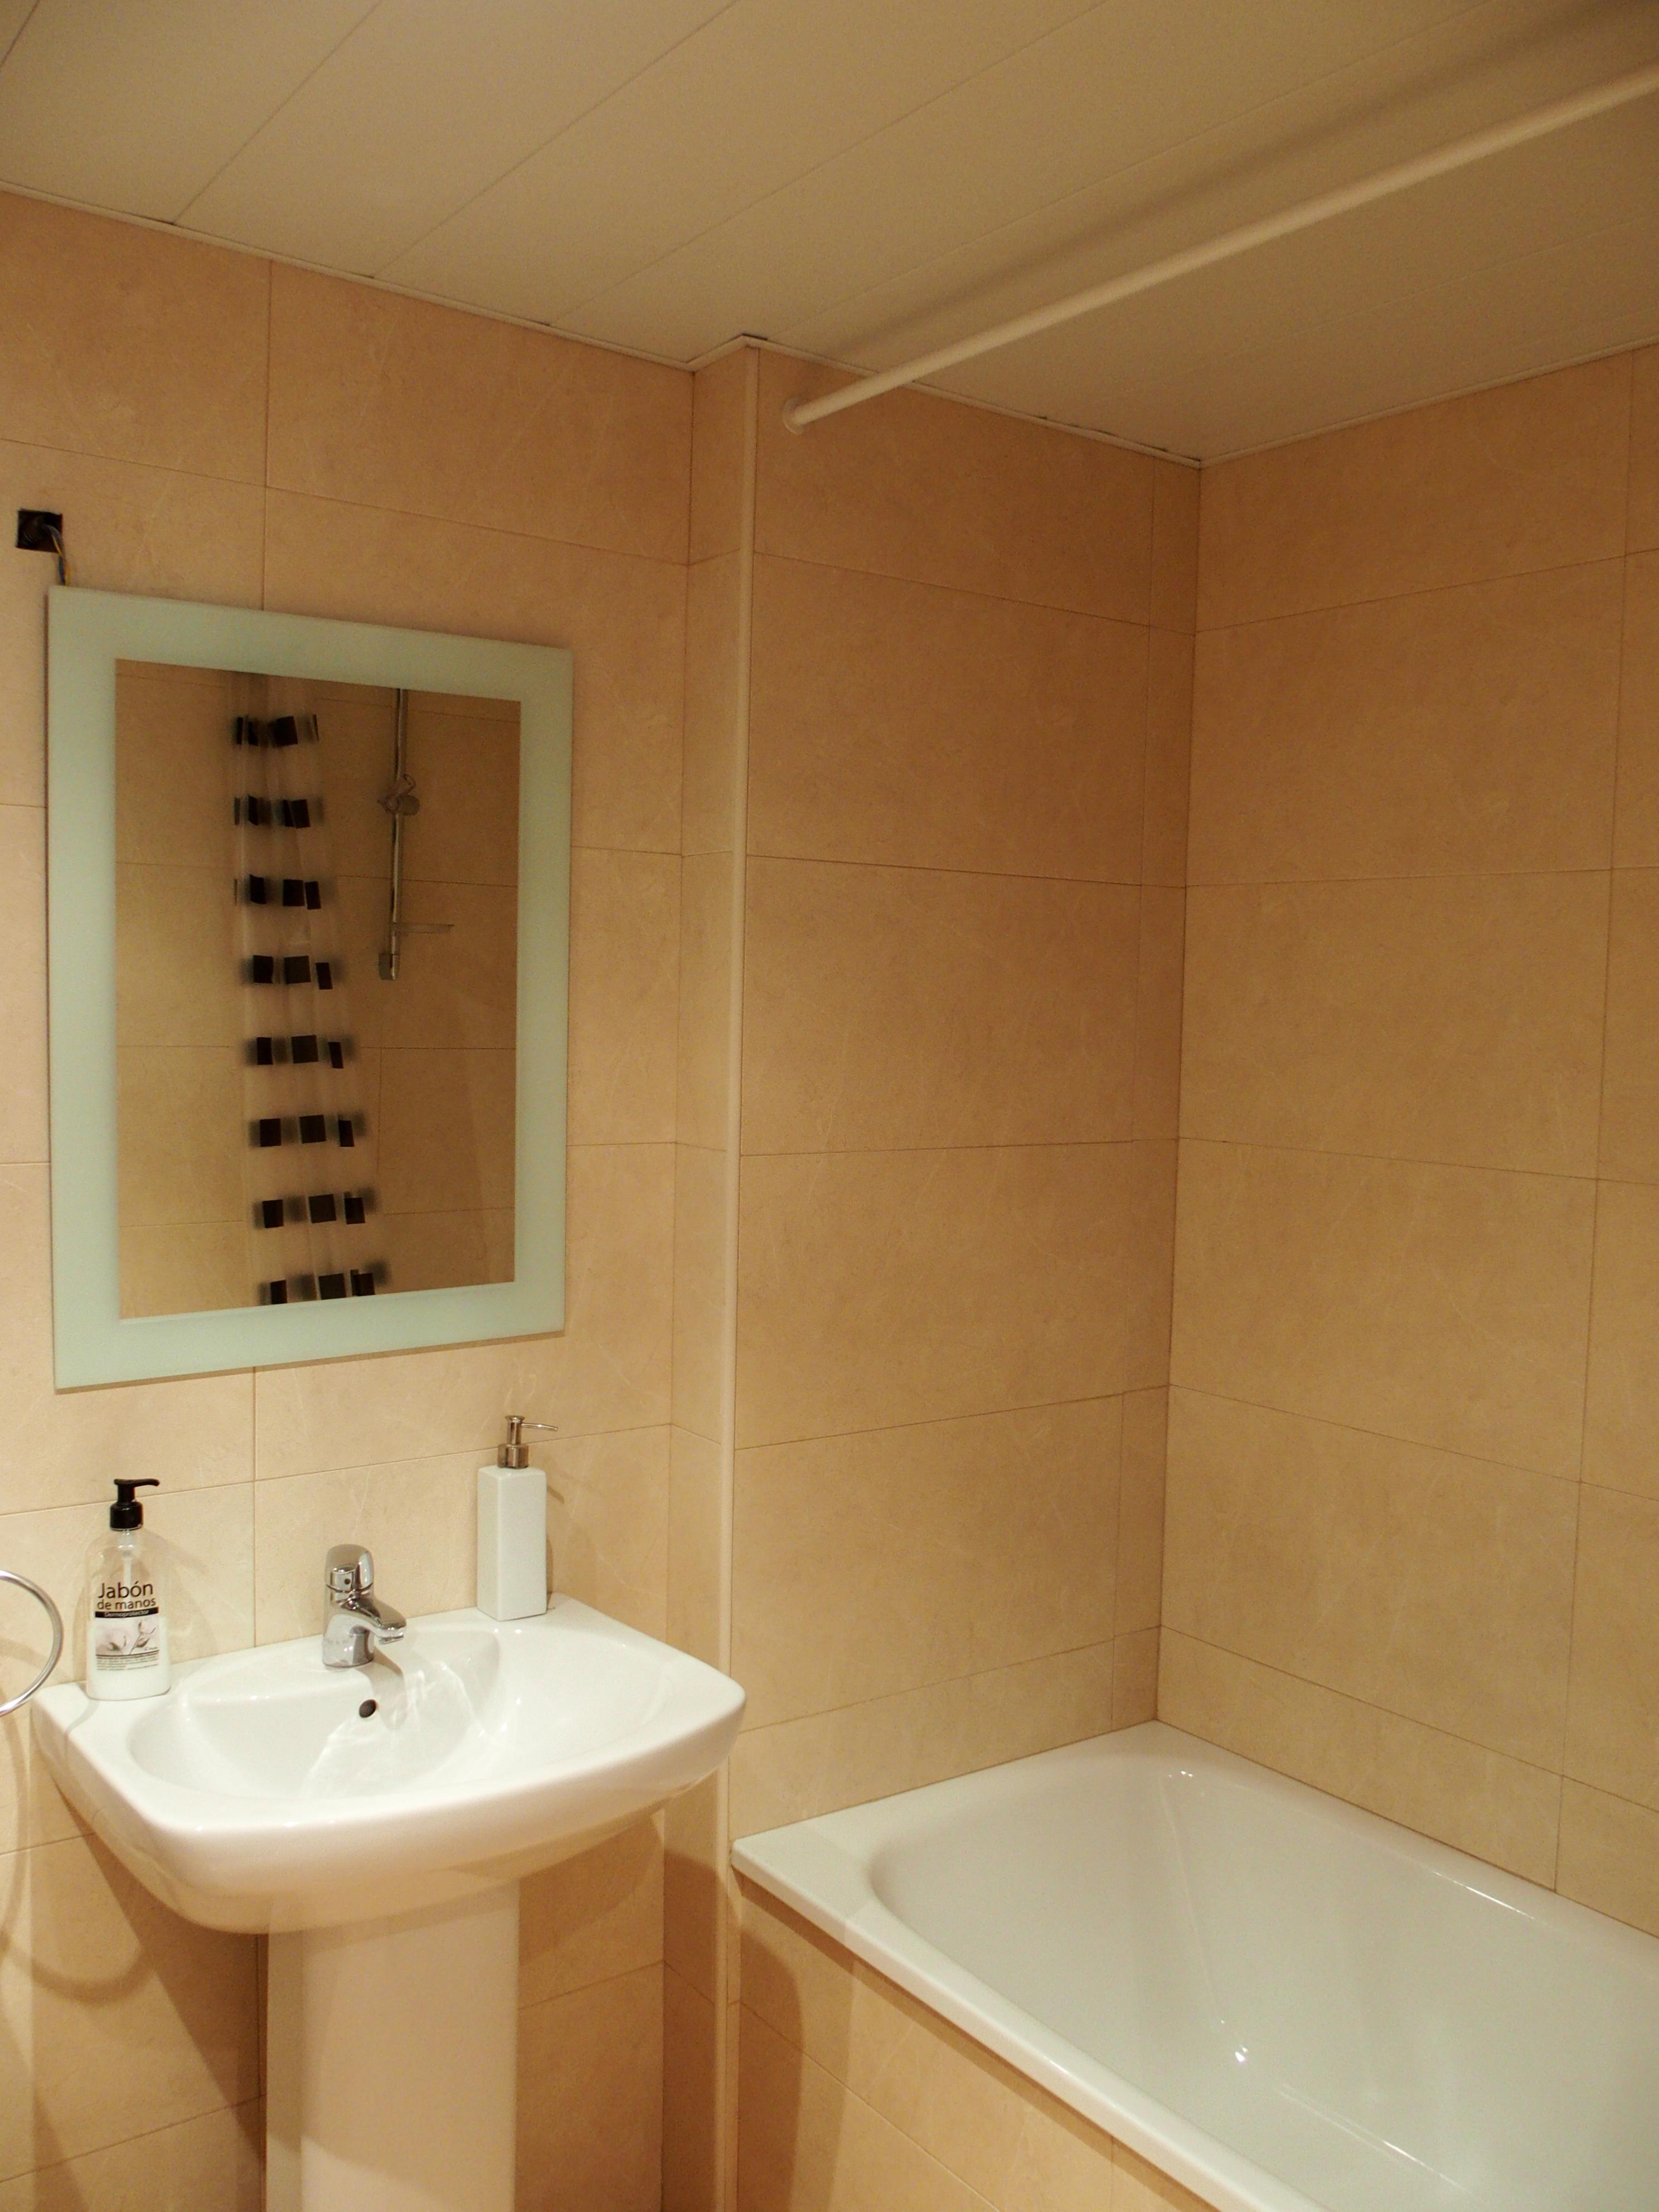 Muebles Lleida Cama Juvenil Dormitorio Ofertas De Muebles  # Muebles De Jabon